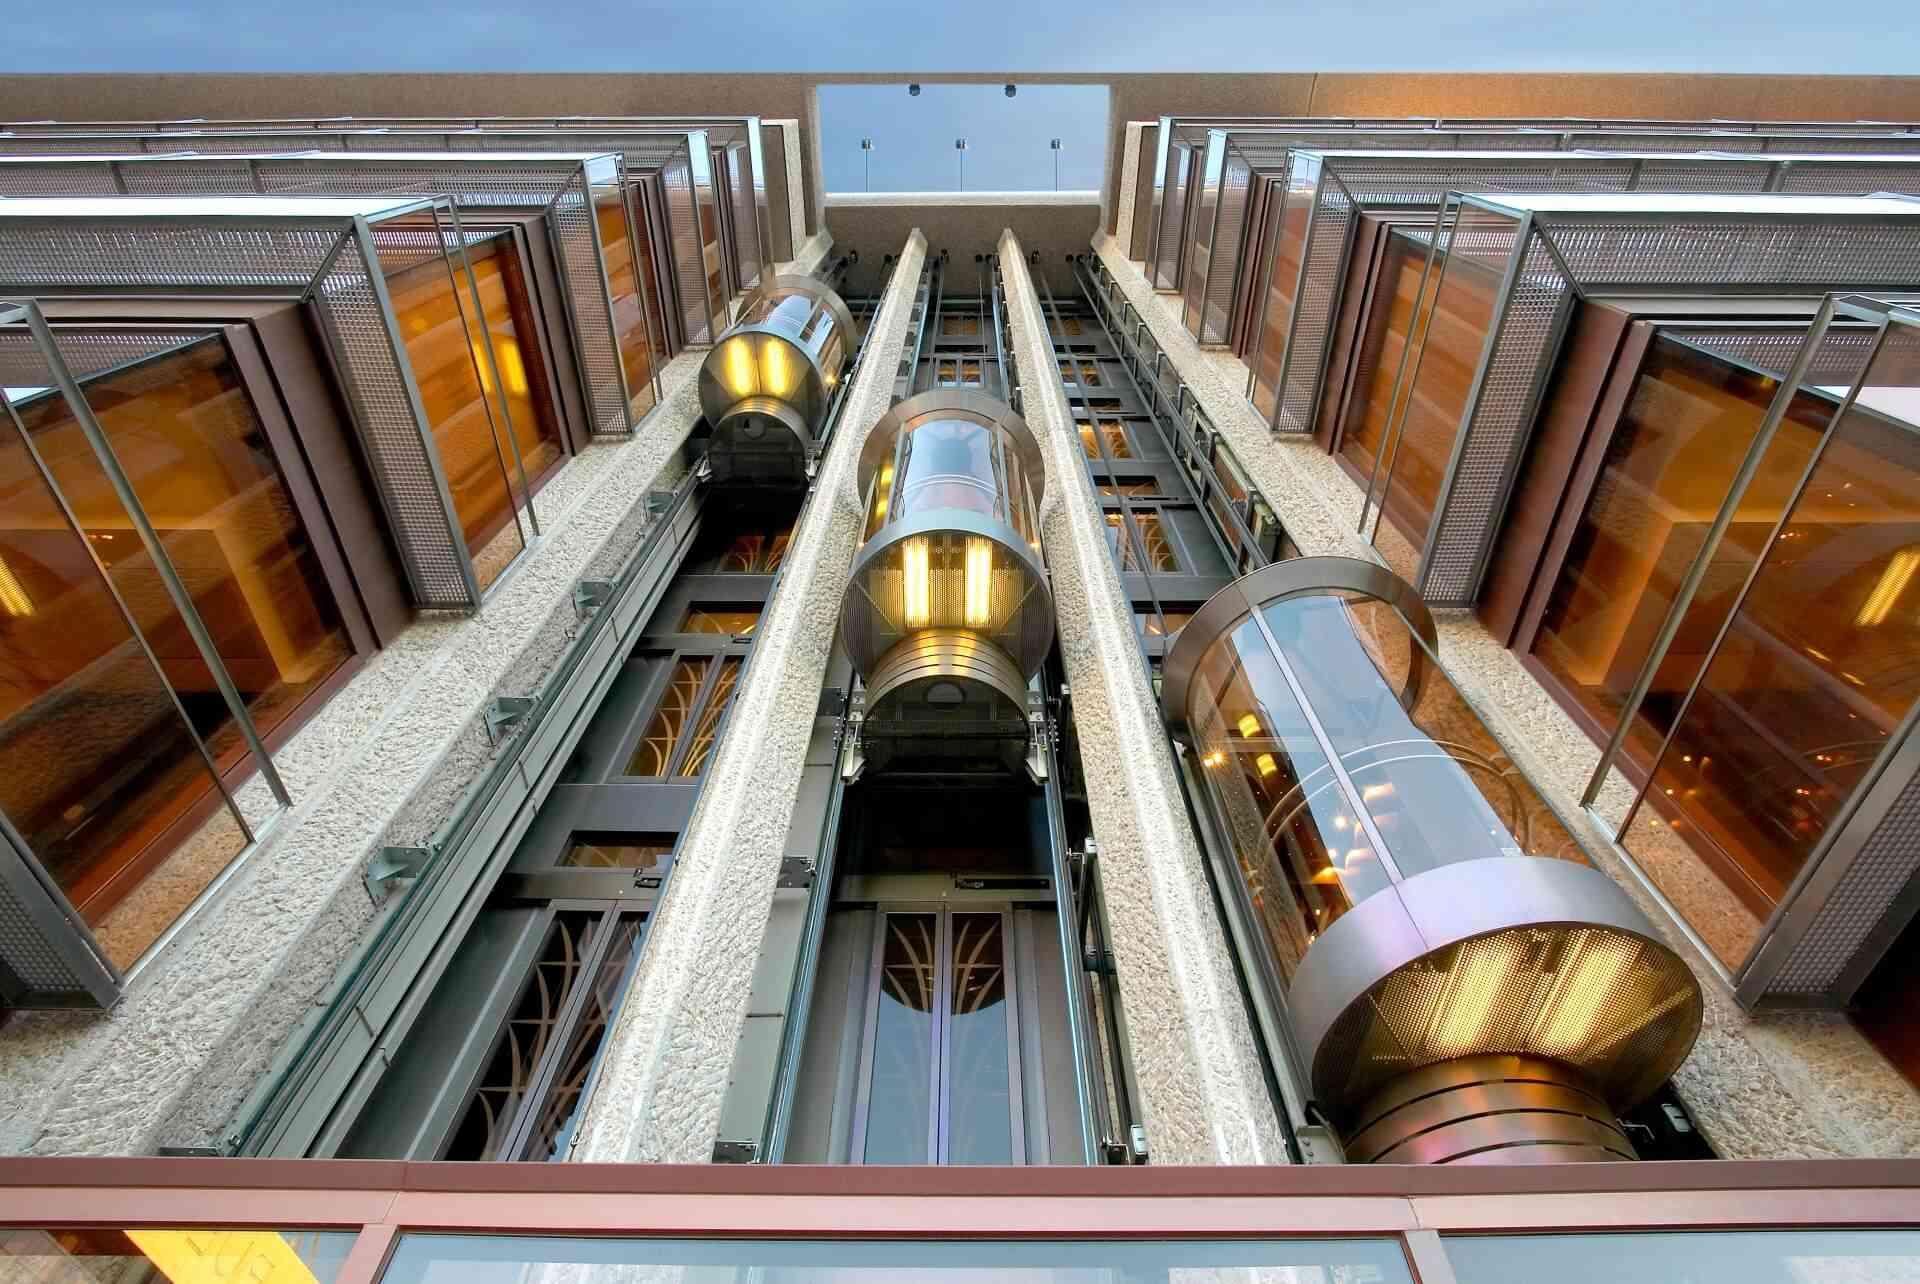 https://fain.es/wp-content/uploads/2020/09/Edificio-Oficinas-1-1.jpg